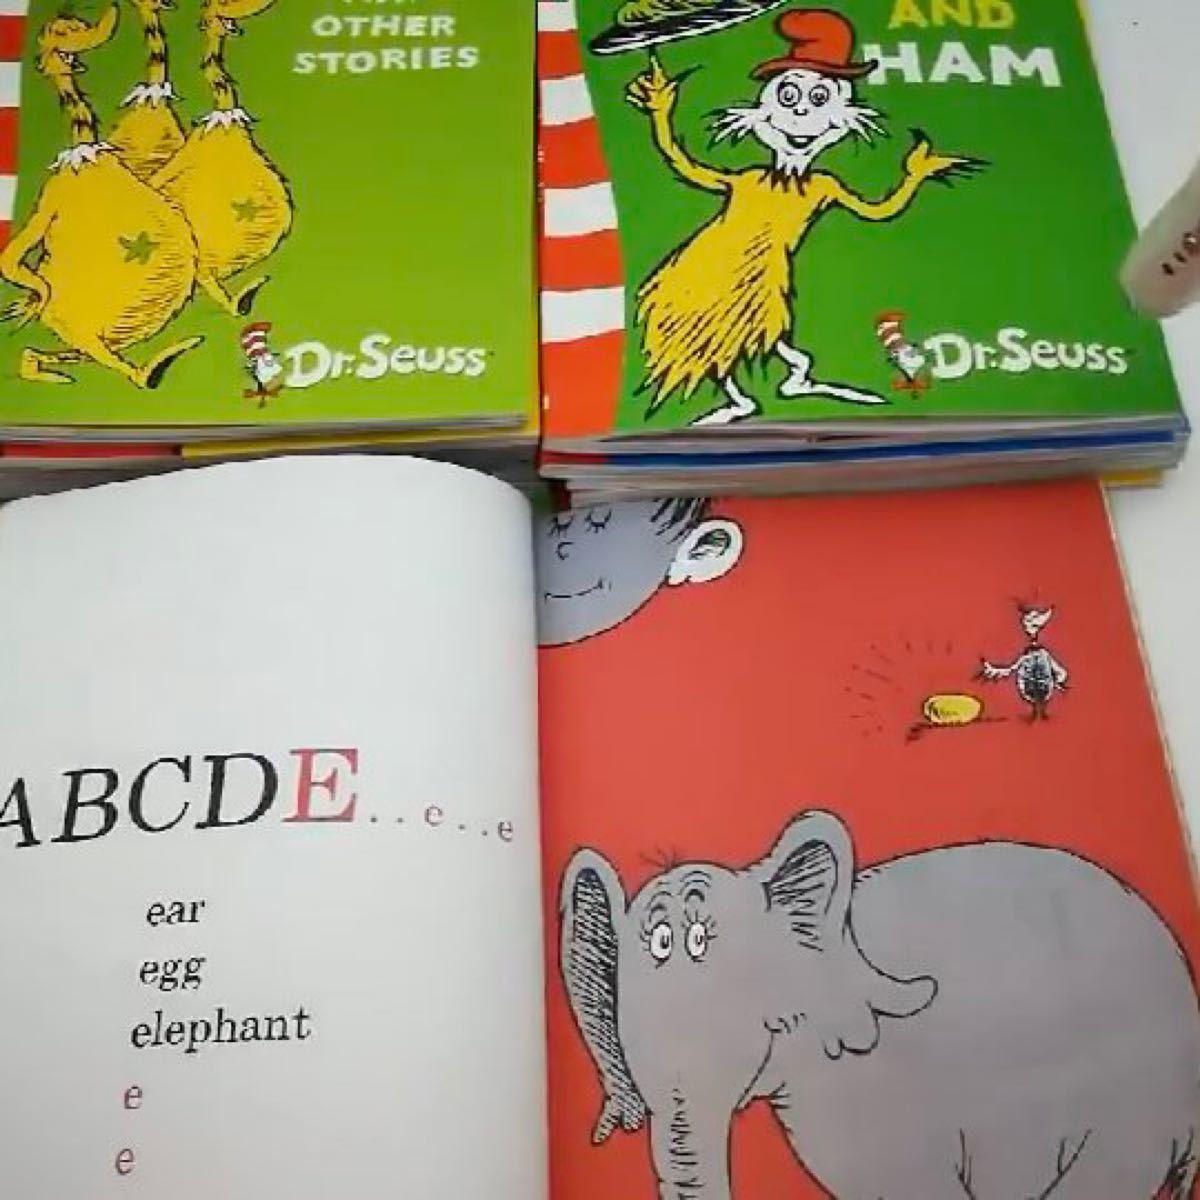 A Classic Case of Dr Seuss ドクタースース コレクション 20冊 新品 英語絵本 洋書多読 ペン別売り